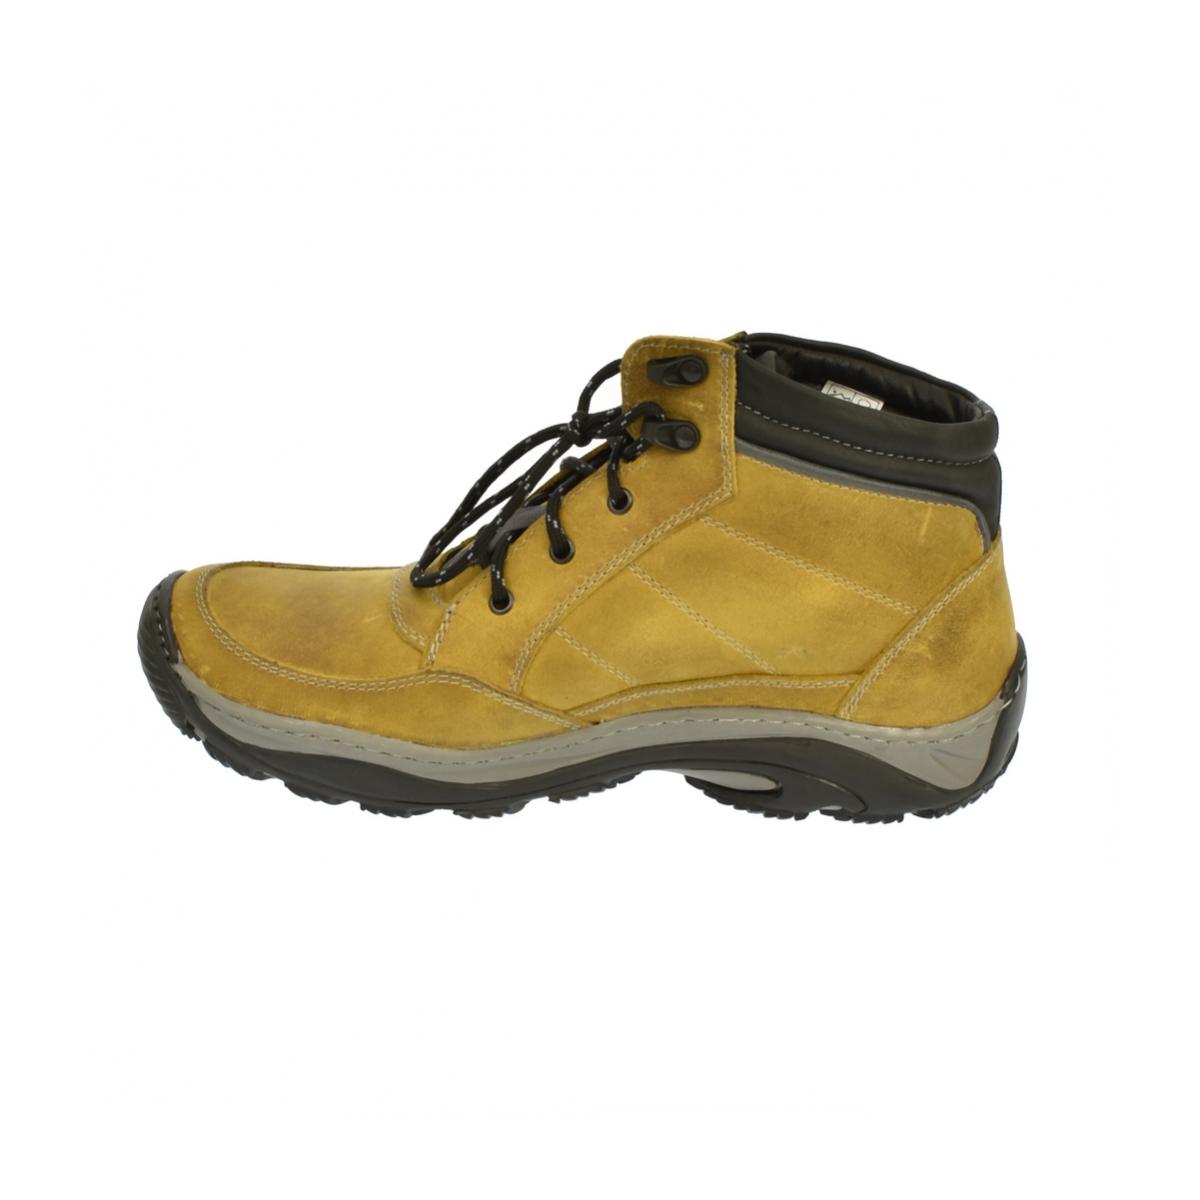 c34e7cfd23e2 Dámske horčicové kožené topánky CANA - 5